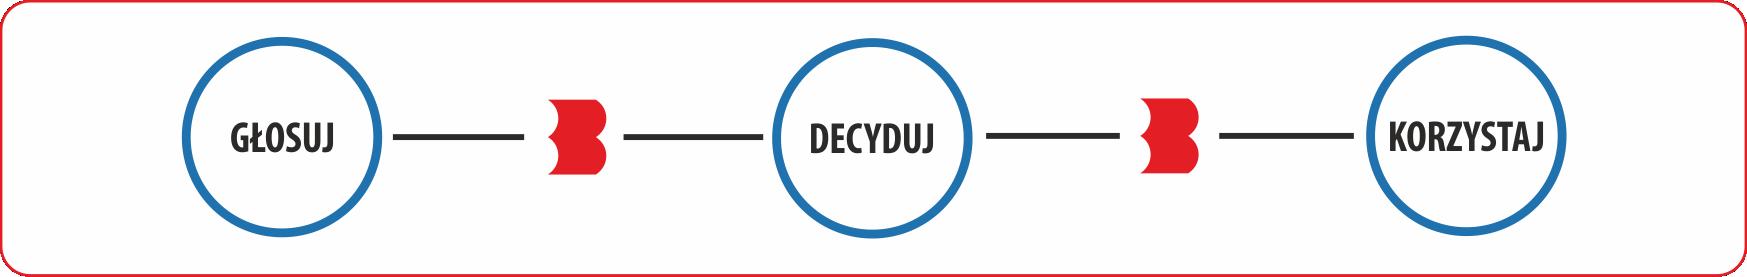 Grafika przedstawia biały prostokąt z czerwoną obramówką. W środku znajdują się trzy niałe kłóka z niebieską obramówką. Połączone sa czarną poziomą linnią. Na linni pomiędzy kółkami znajduje się czerwone B - ikona z logotupu biblioteki. Pierwsze koło zawiera w środku czarny napis GŁOSUJ. Drugie koło napis DECYDUJ a trzecie koło napis KORZYSTAJ